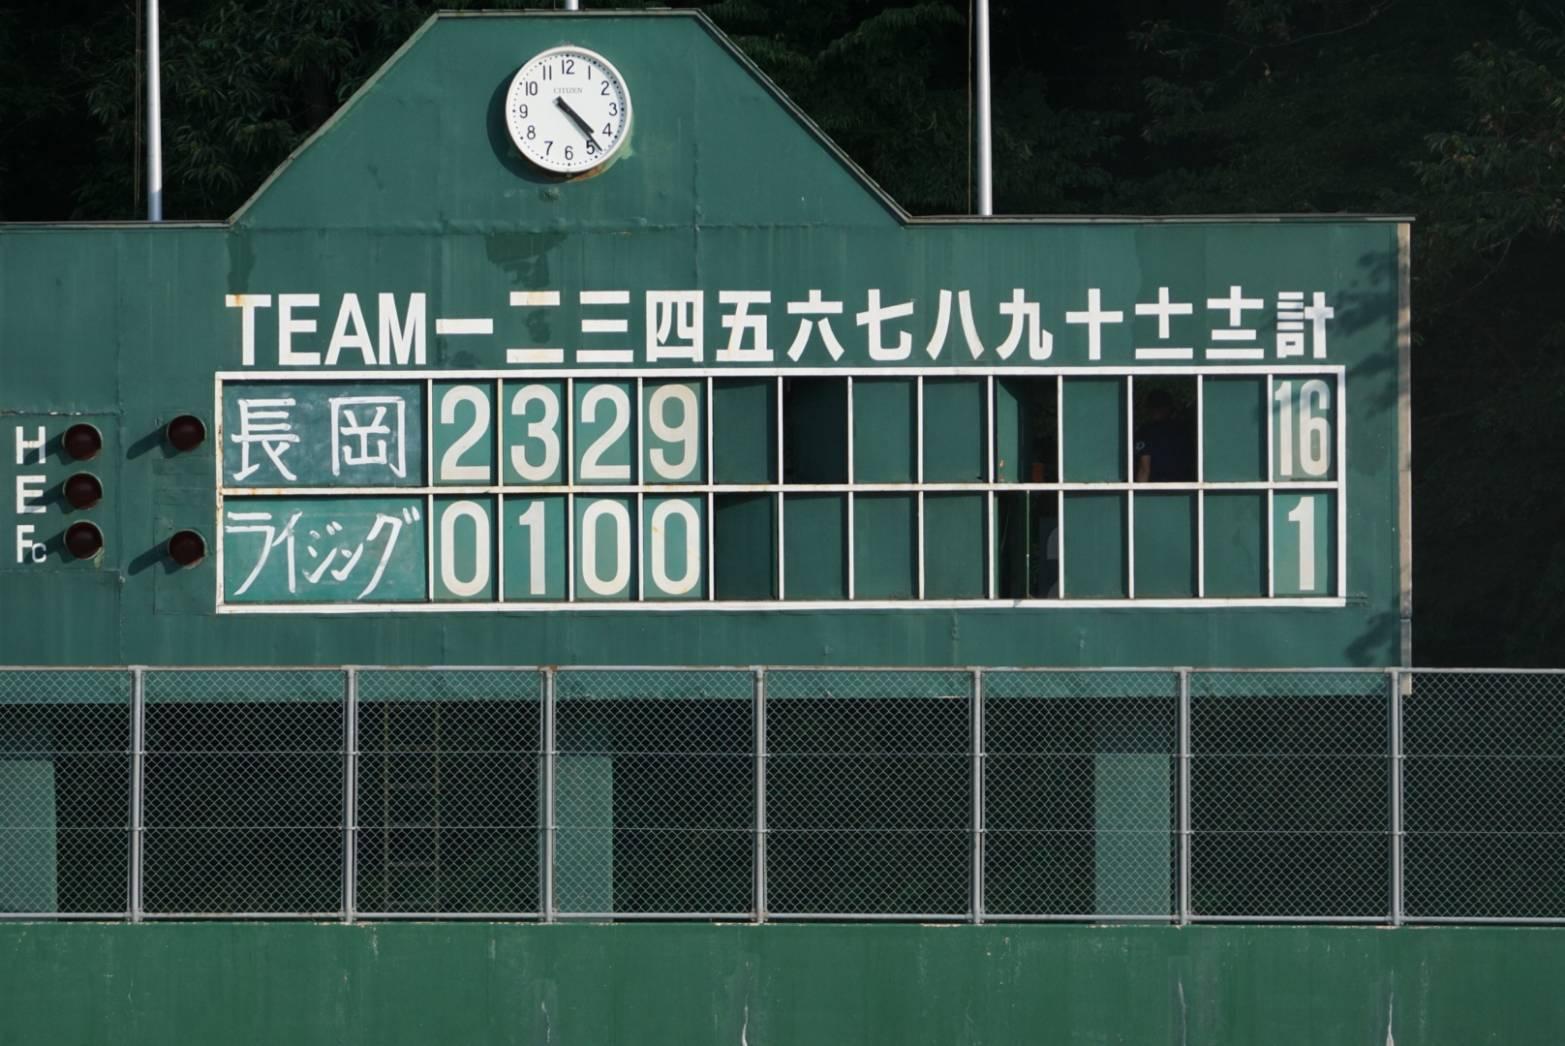 8月17日 加茂市長杯 学童野球大会 1日目結果です。_b0095176_11413965.jpeg